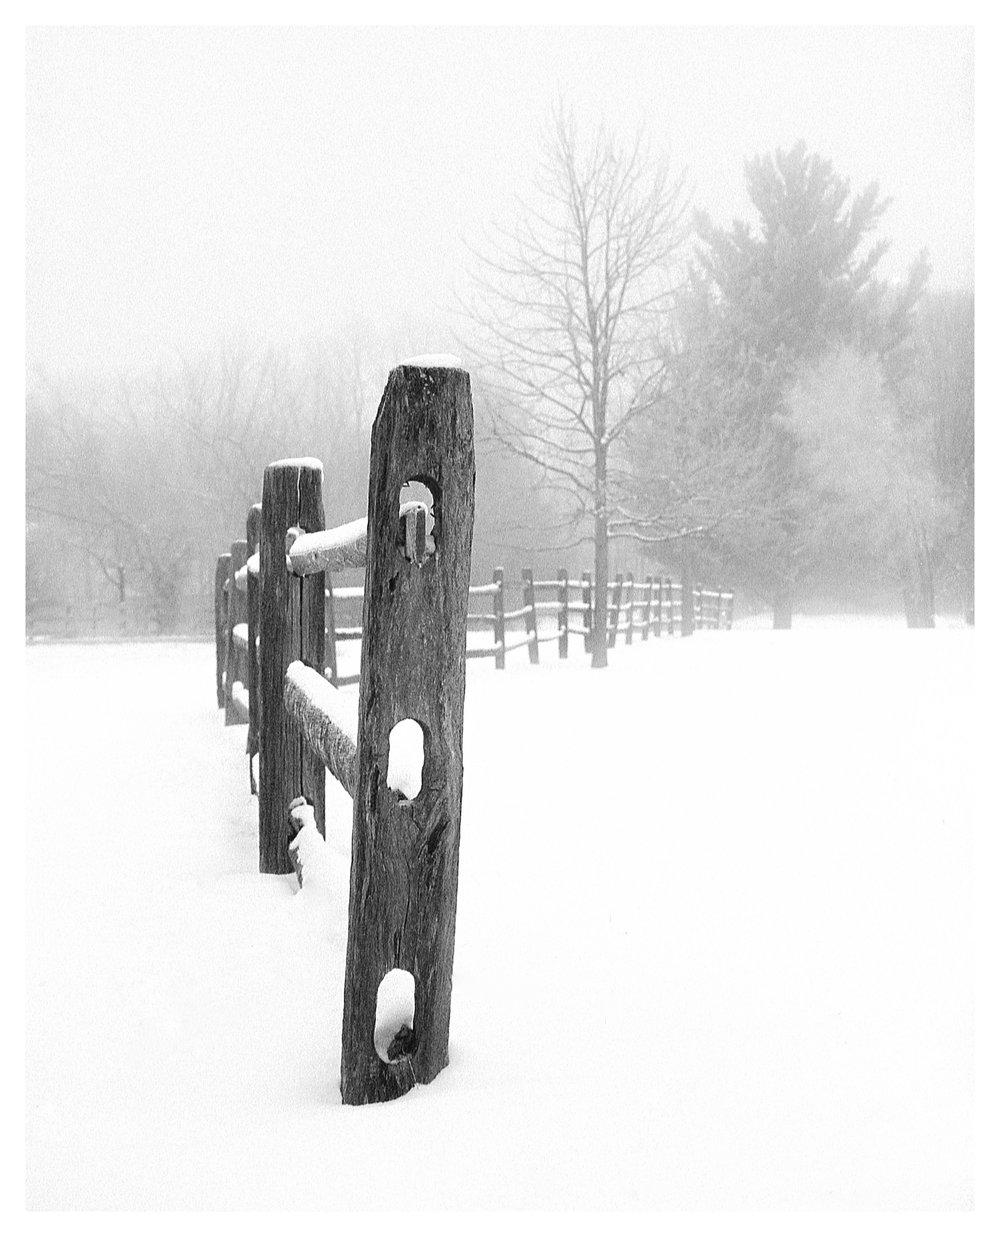 Nikon F on HP5+ film - Bellbrook, Ohio